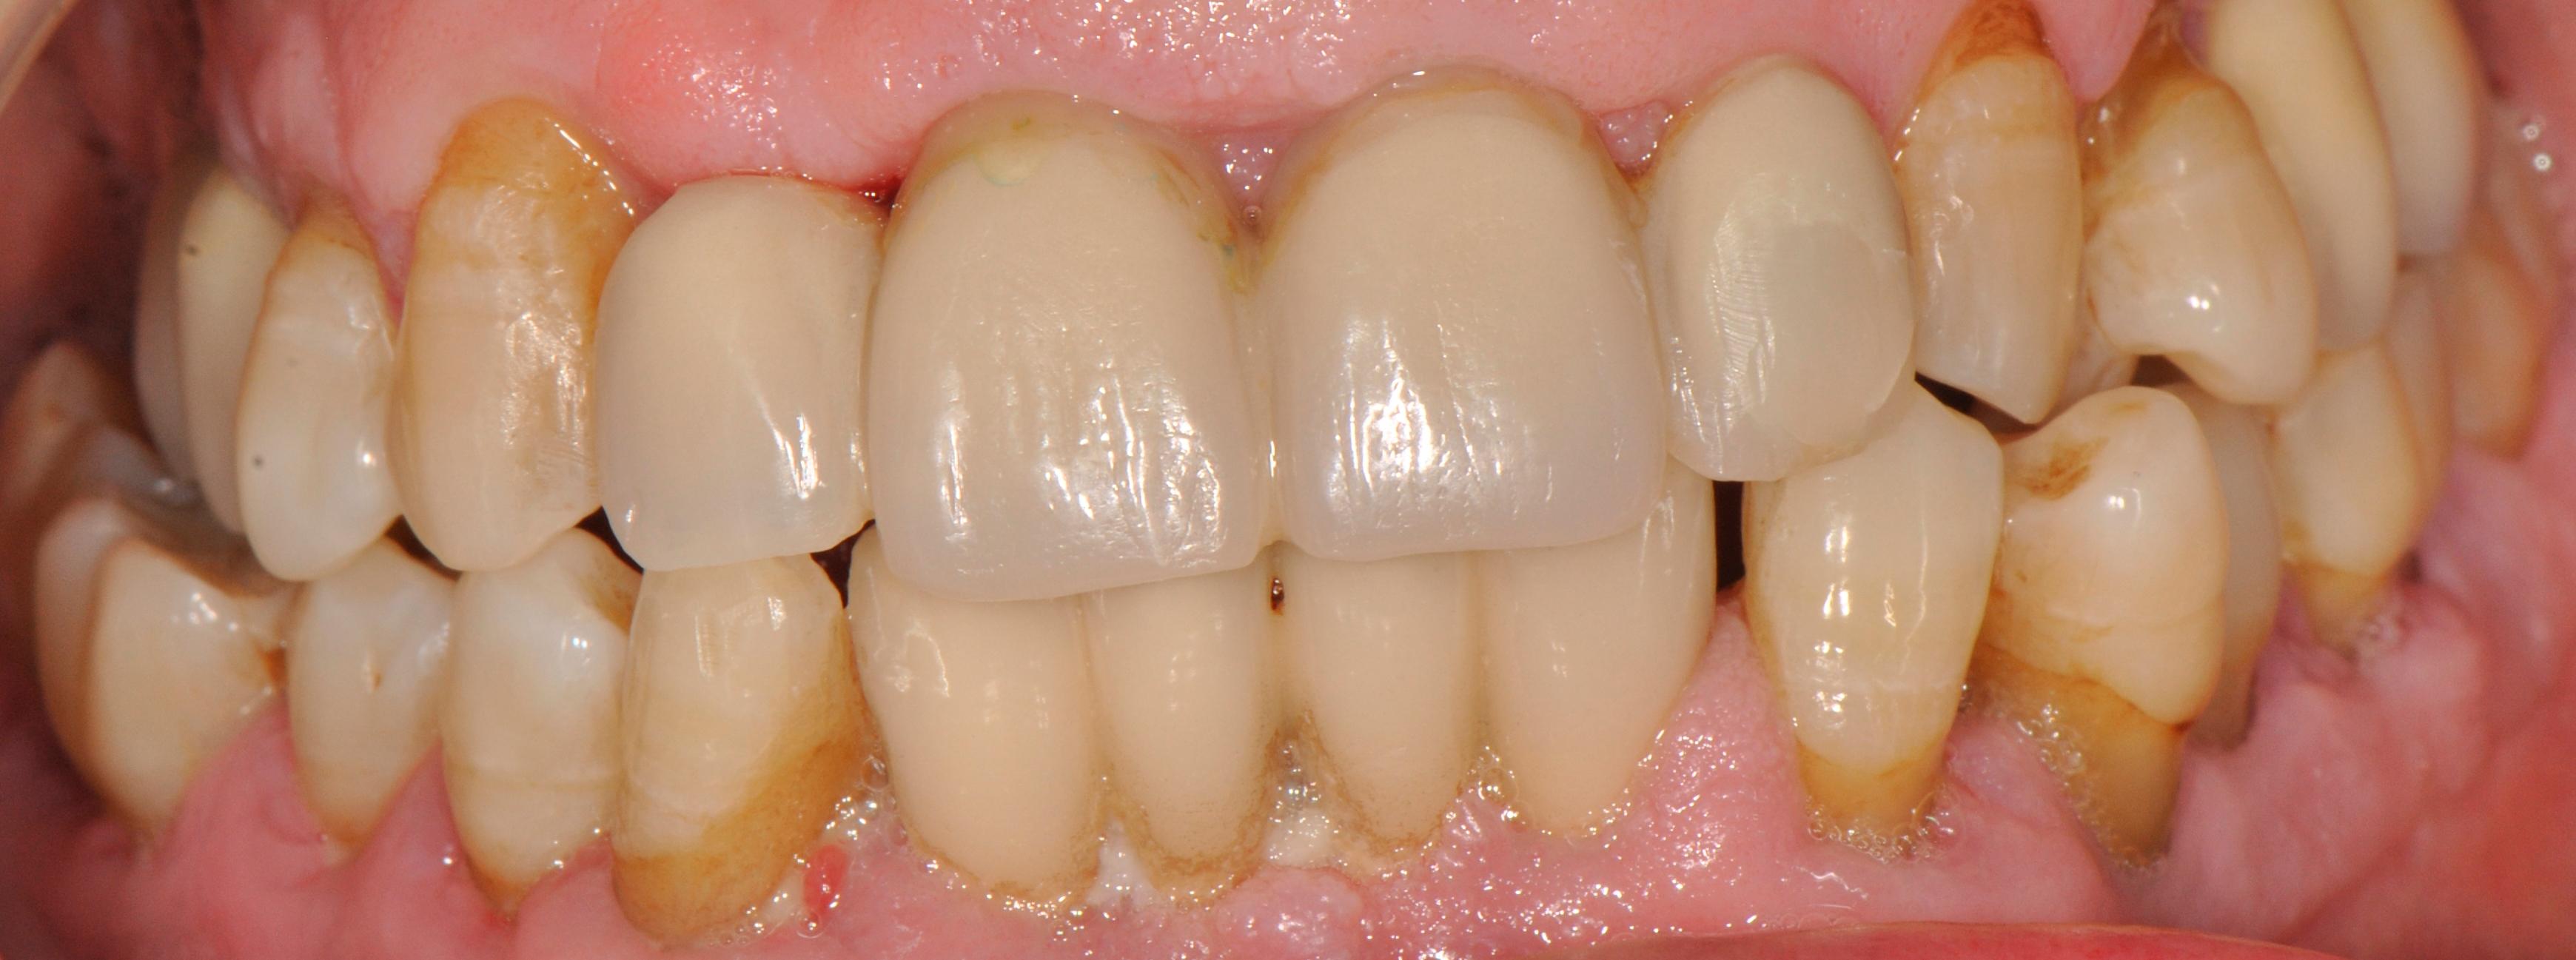 provisionales en boca, tras exodoncia.JPG